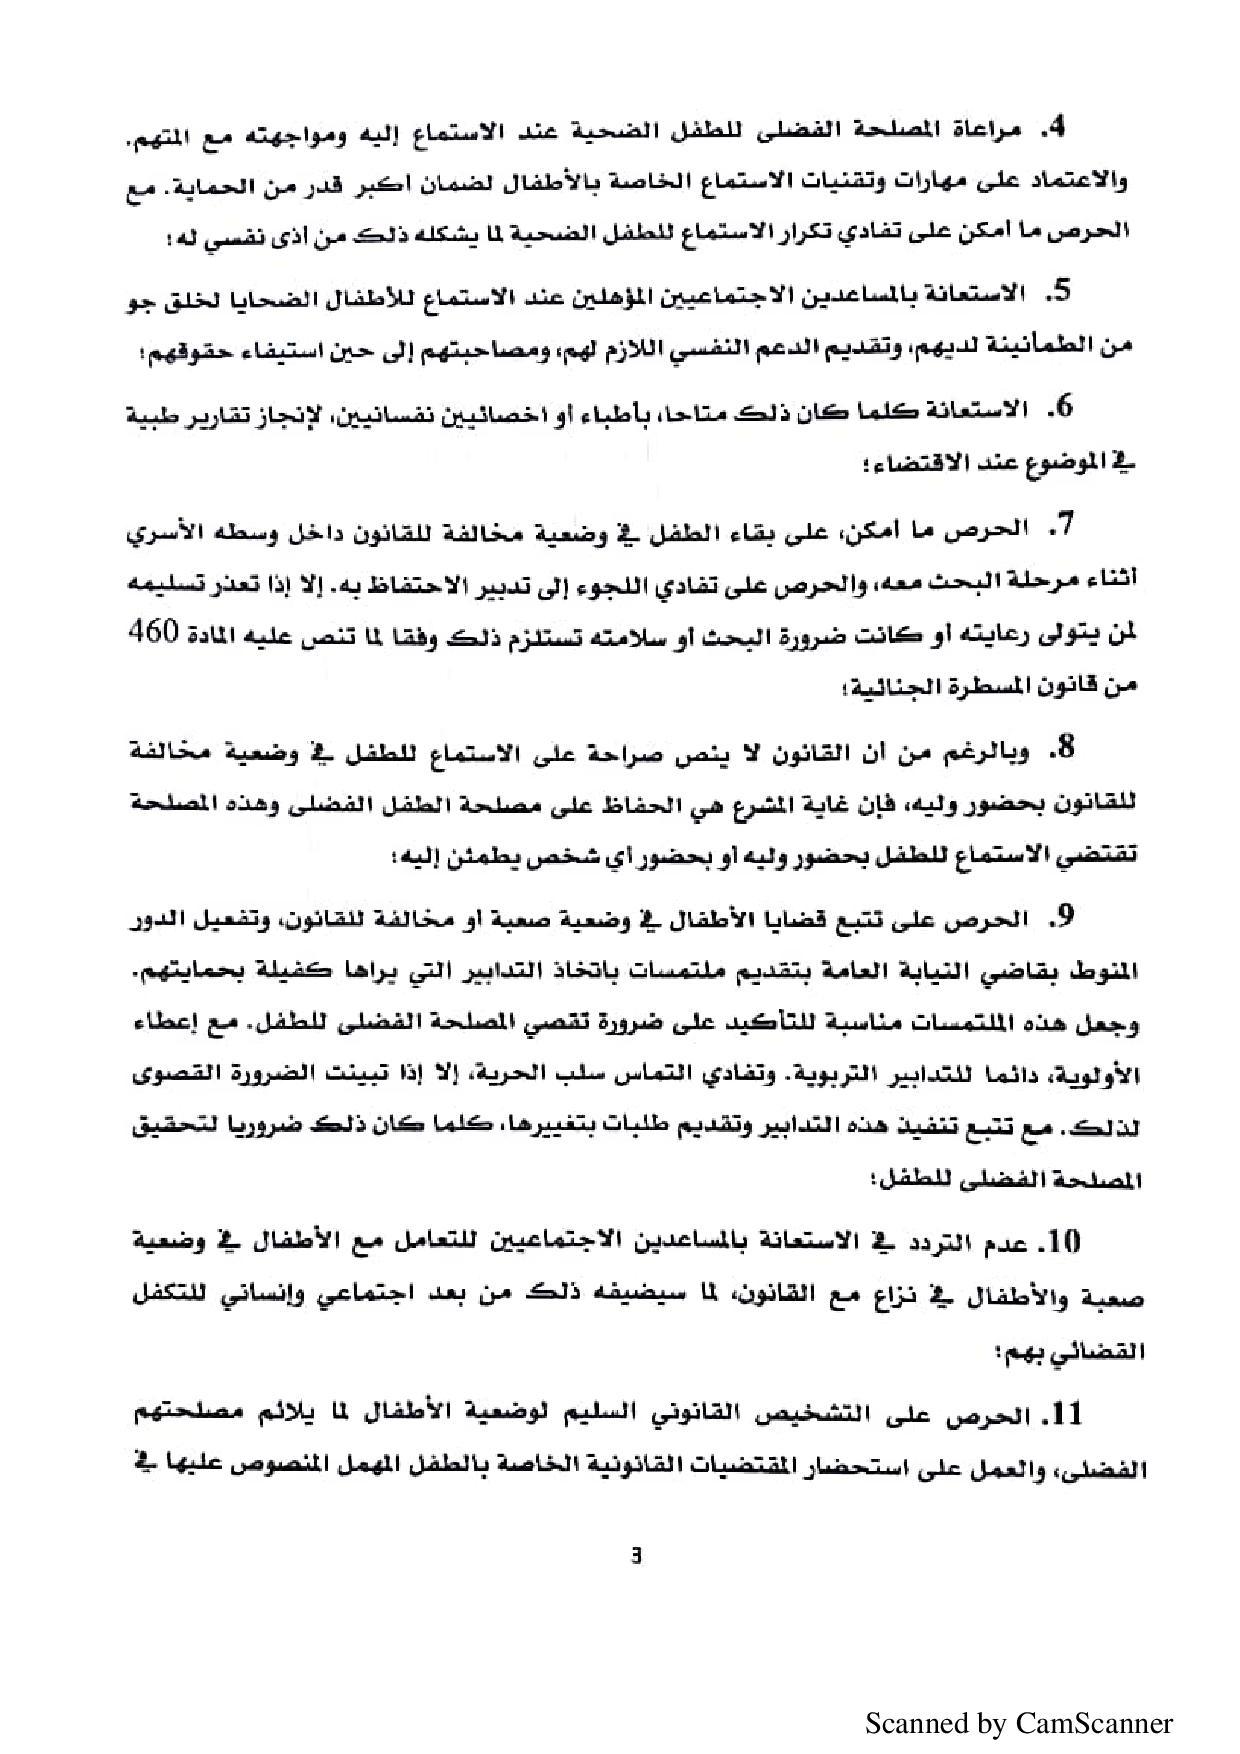 دورية رئاسة النيابة العامة بخصوص الأطفال الموجودين في حالة نزاع مع القانون